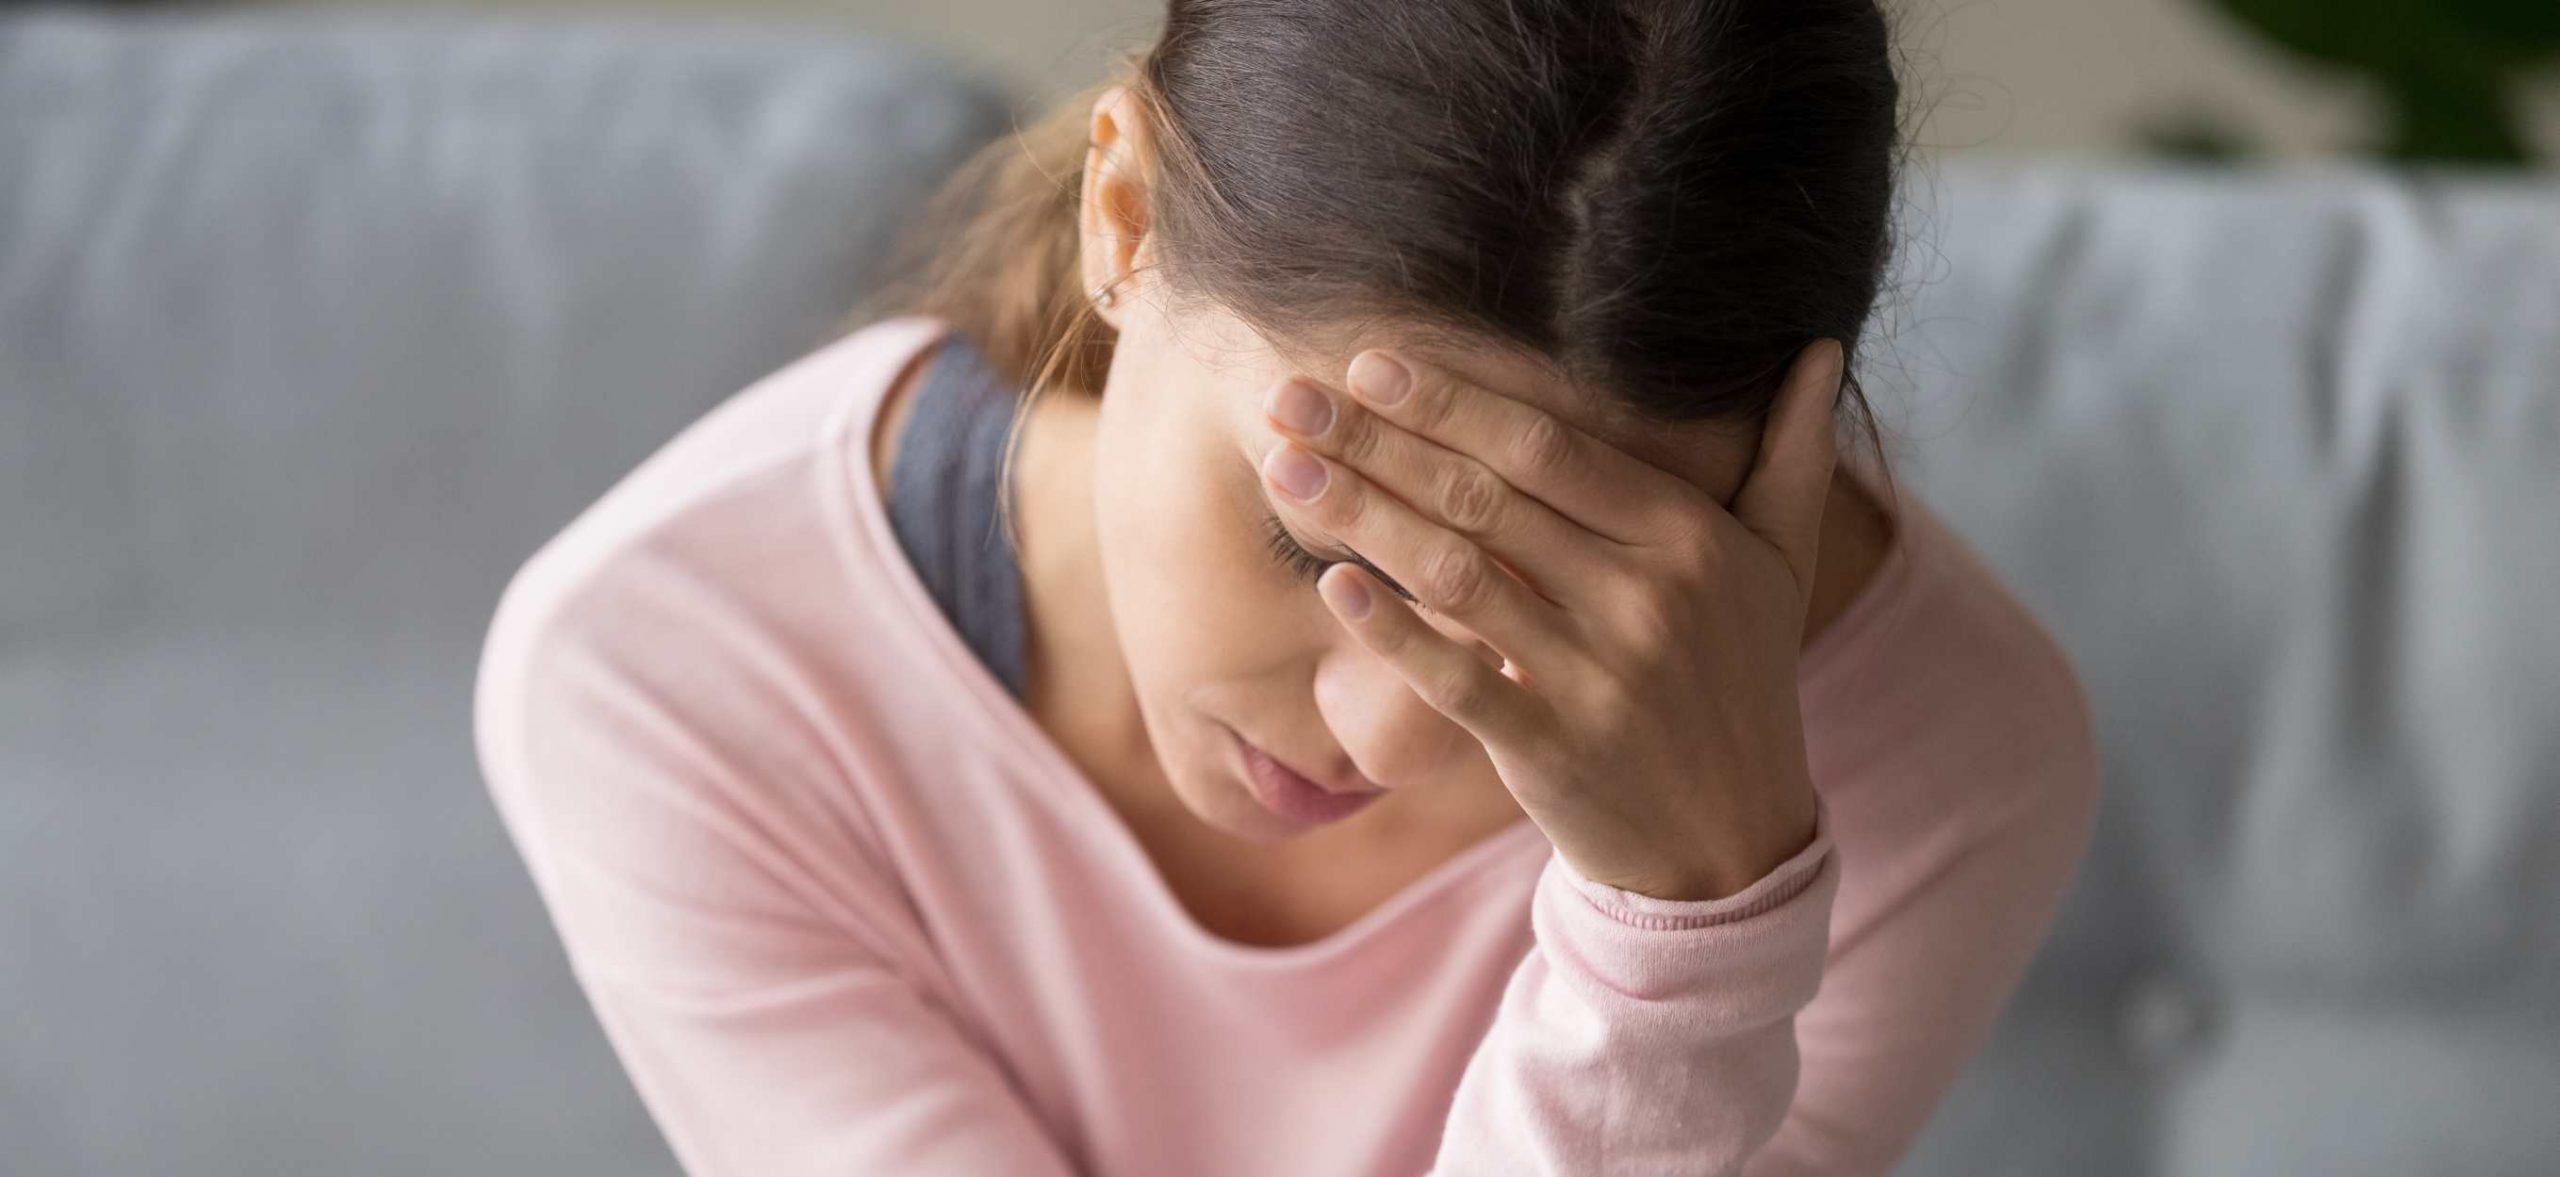 Tipy, čo pomáha na nevoľnosť, ako na ňu a čo si dať po jedle, zo stresu či  v autobuse